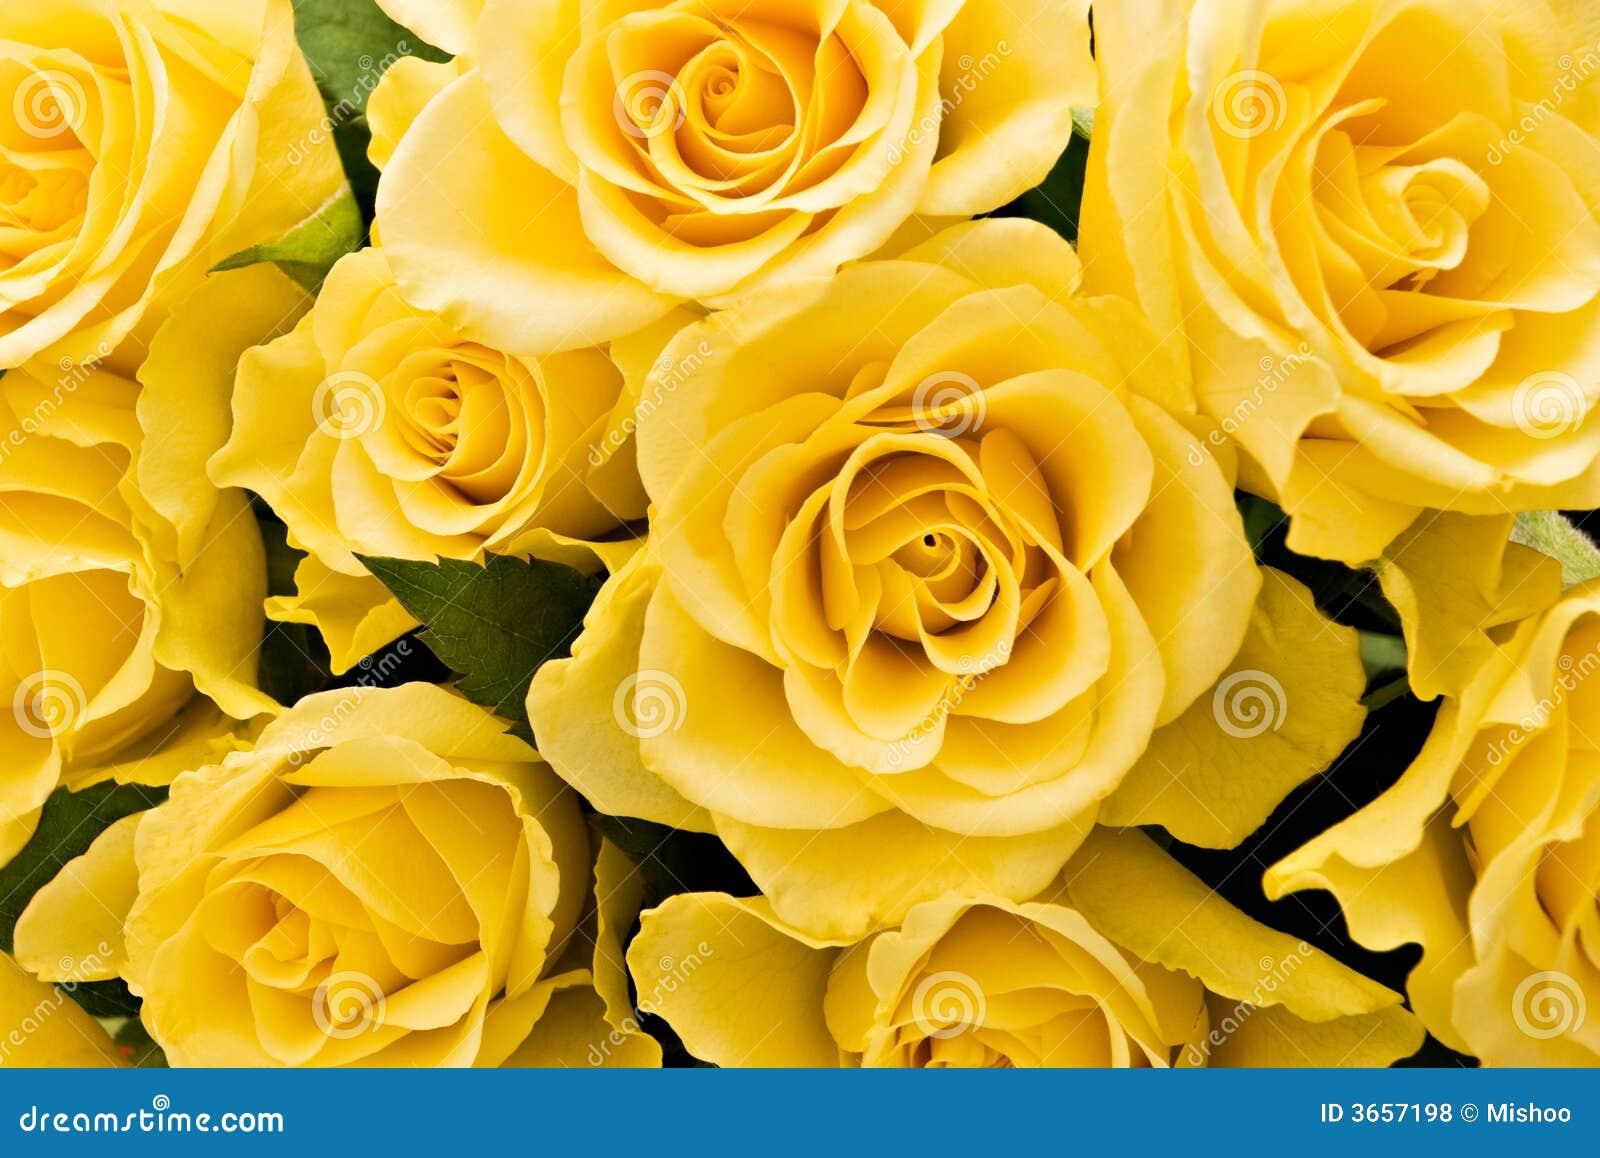 Gelber hintergrund tumblr